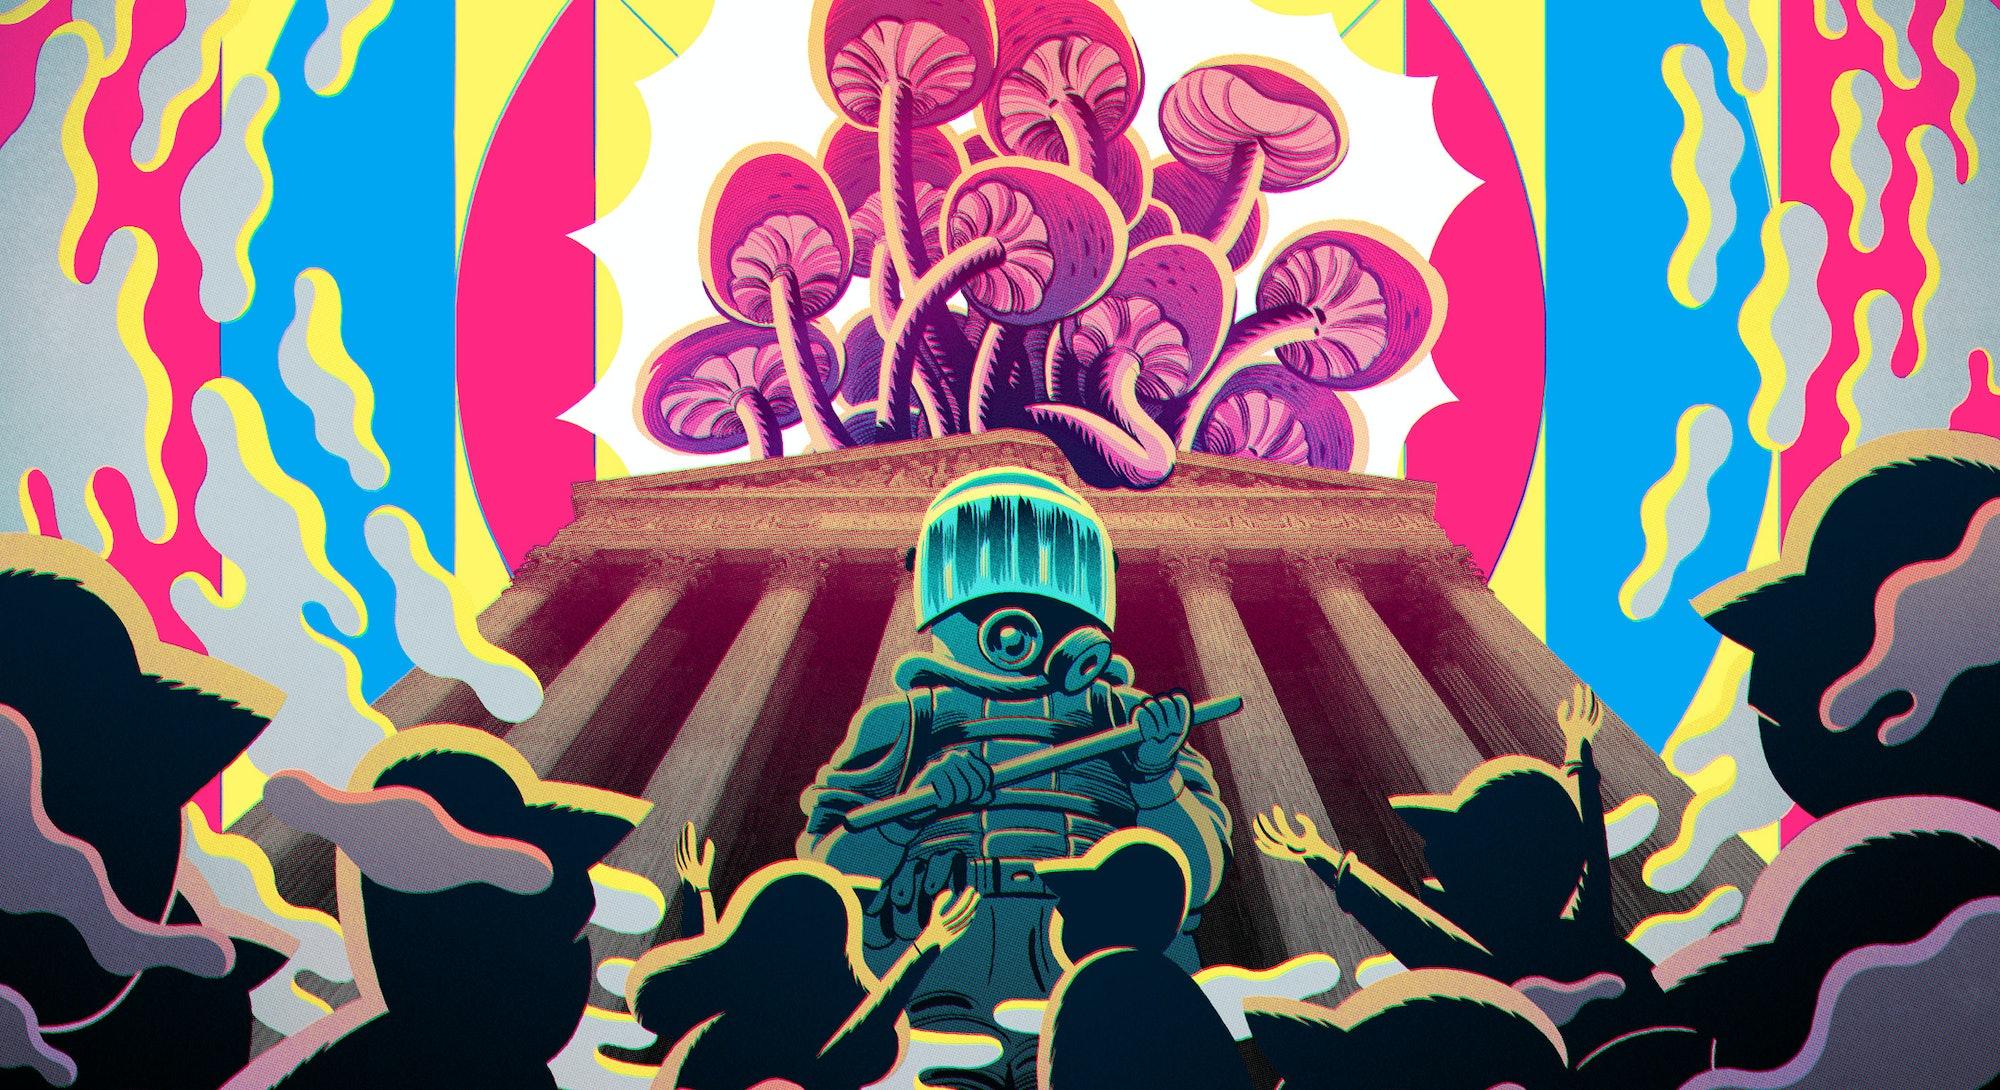 magic mushrooms DEA suit illustration